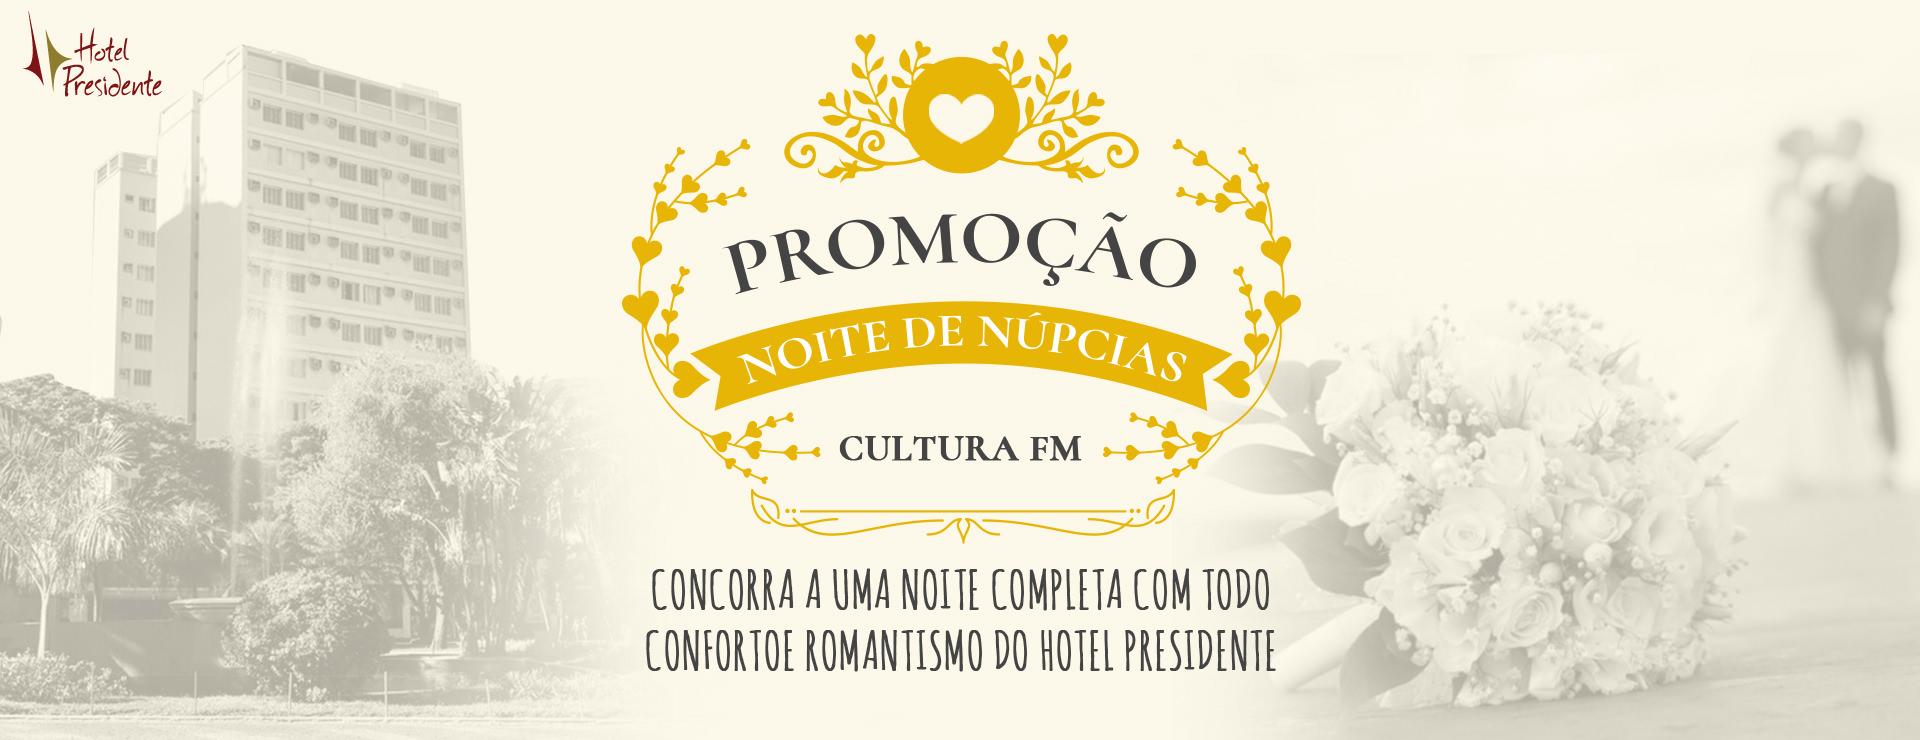 Noite de Núpcias Cultura FM.